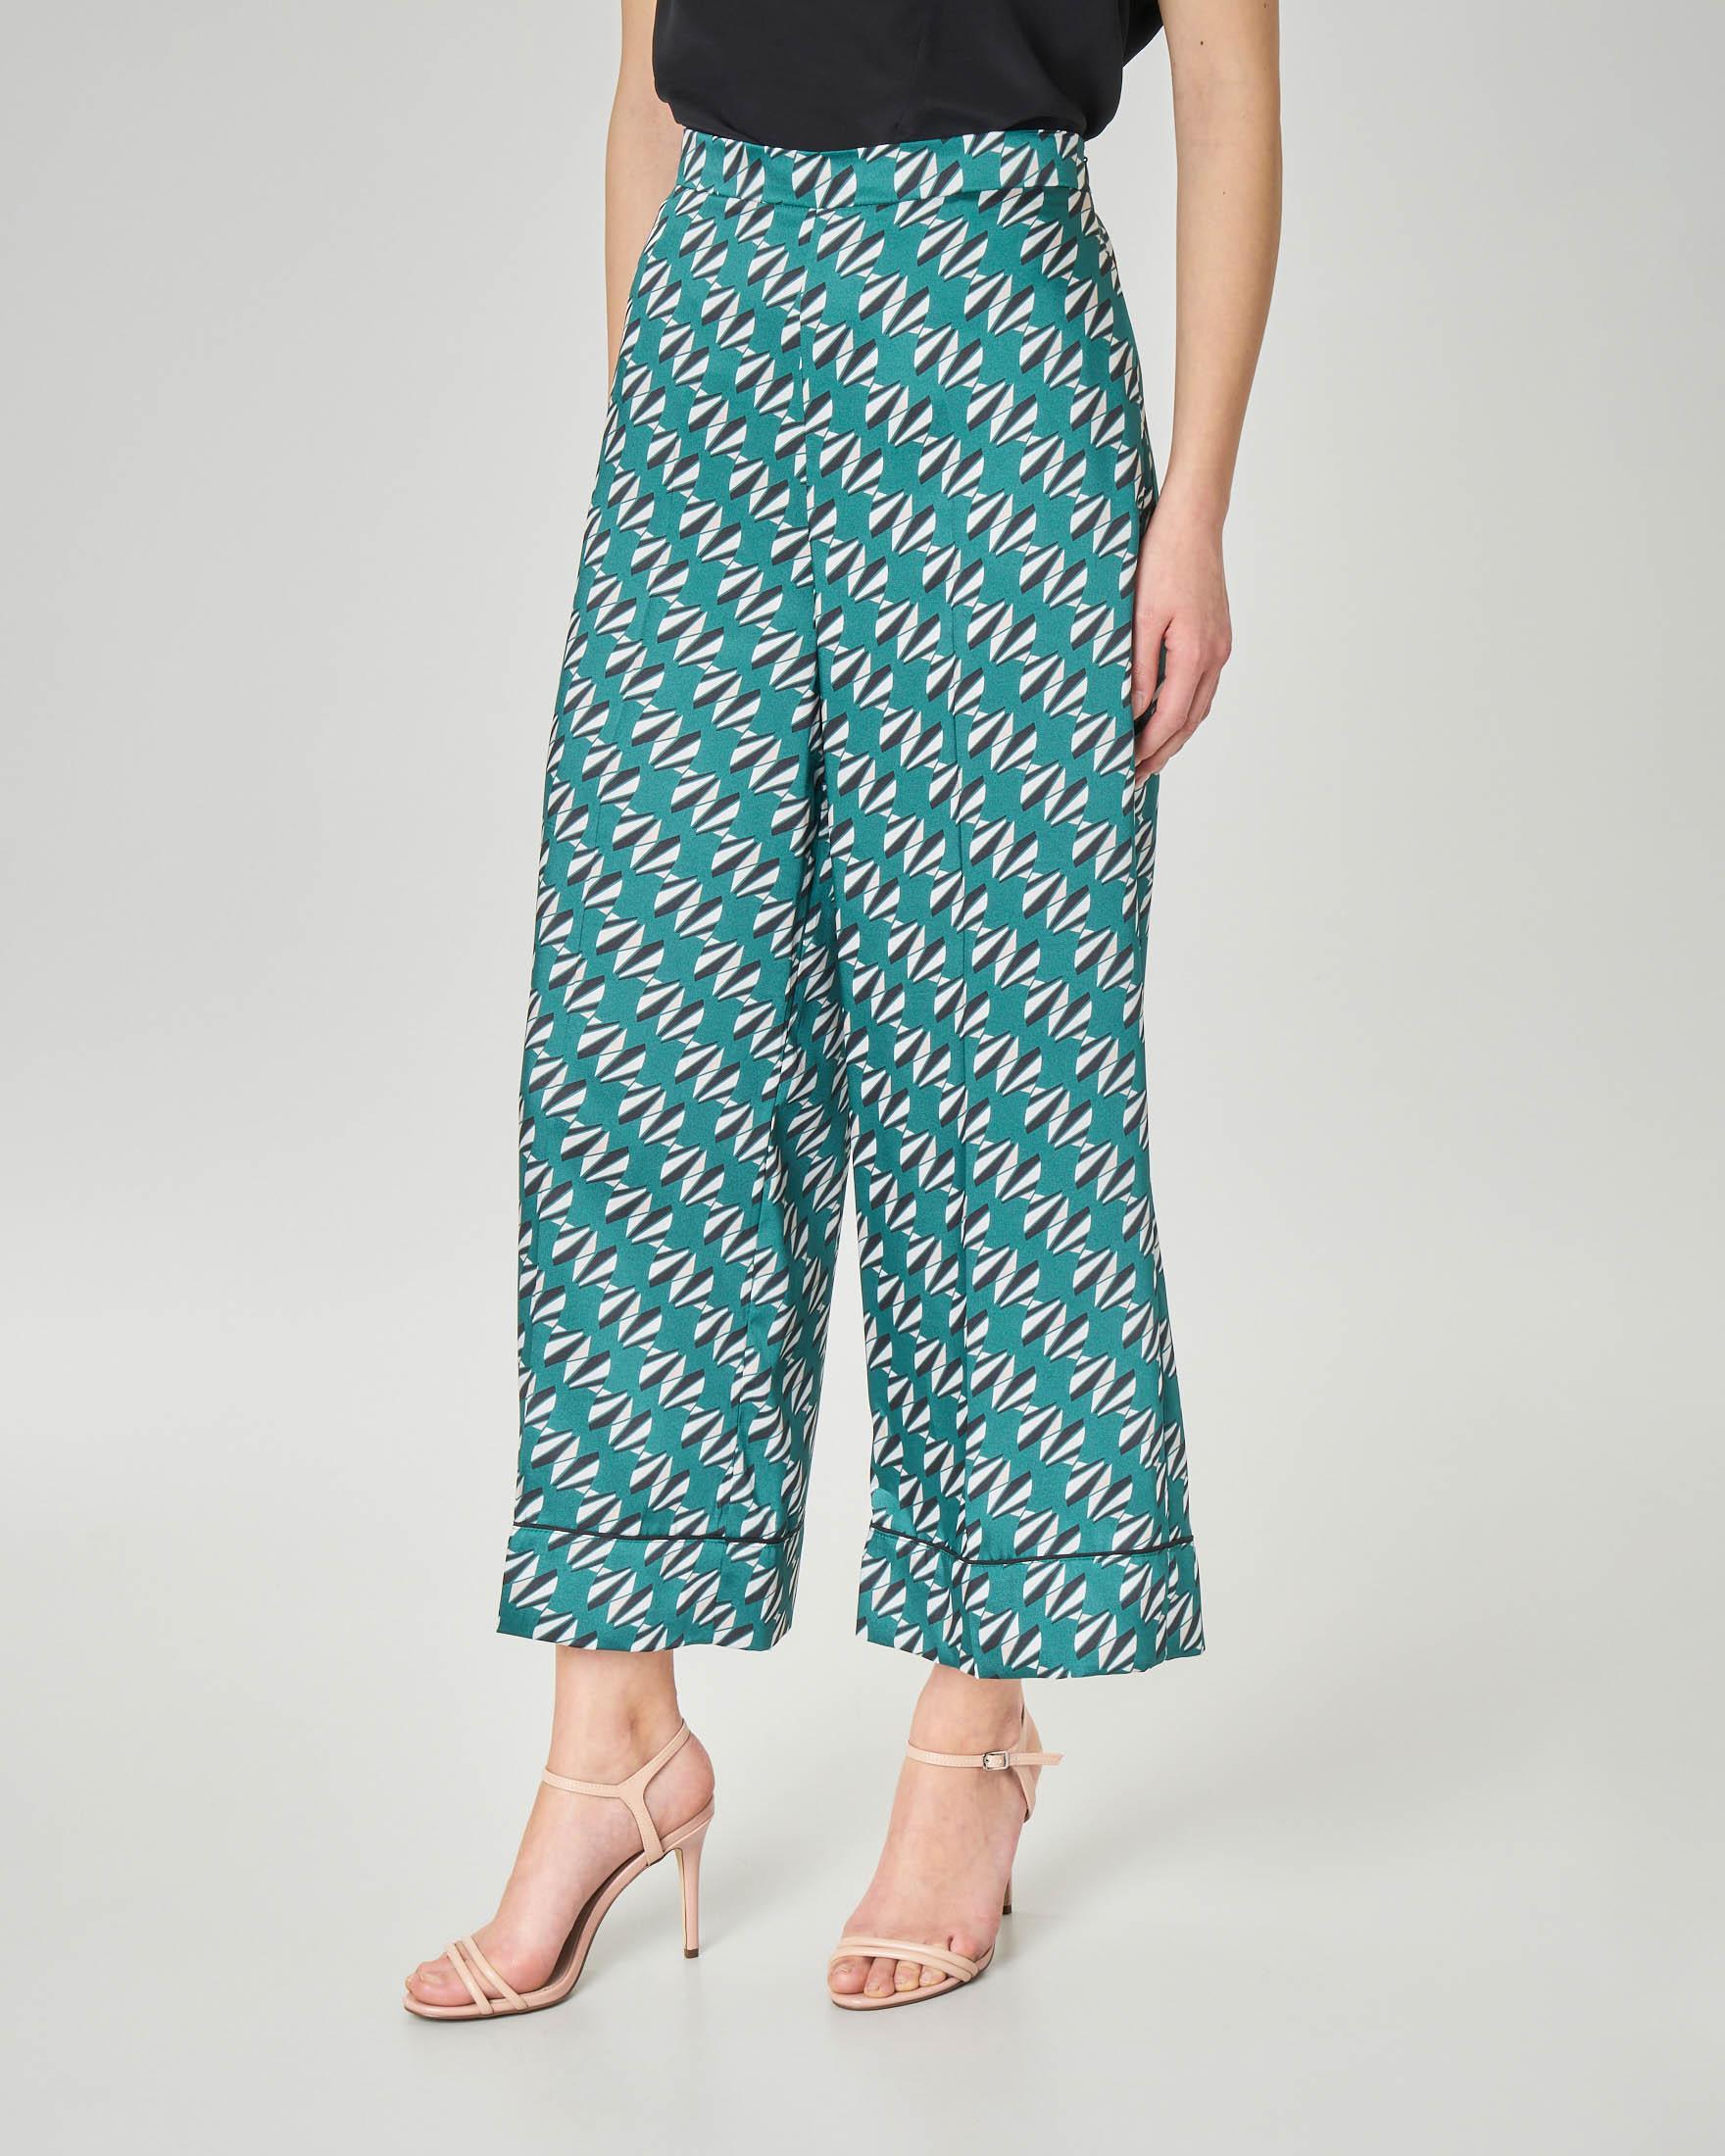 553134dd942bf Pantaloni culotte verdi a stampa geometrica in tessuto effetto raso